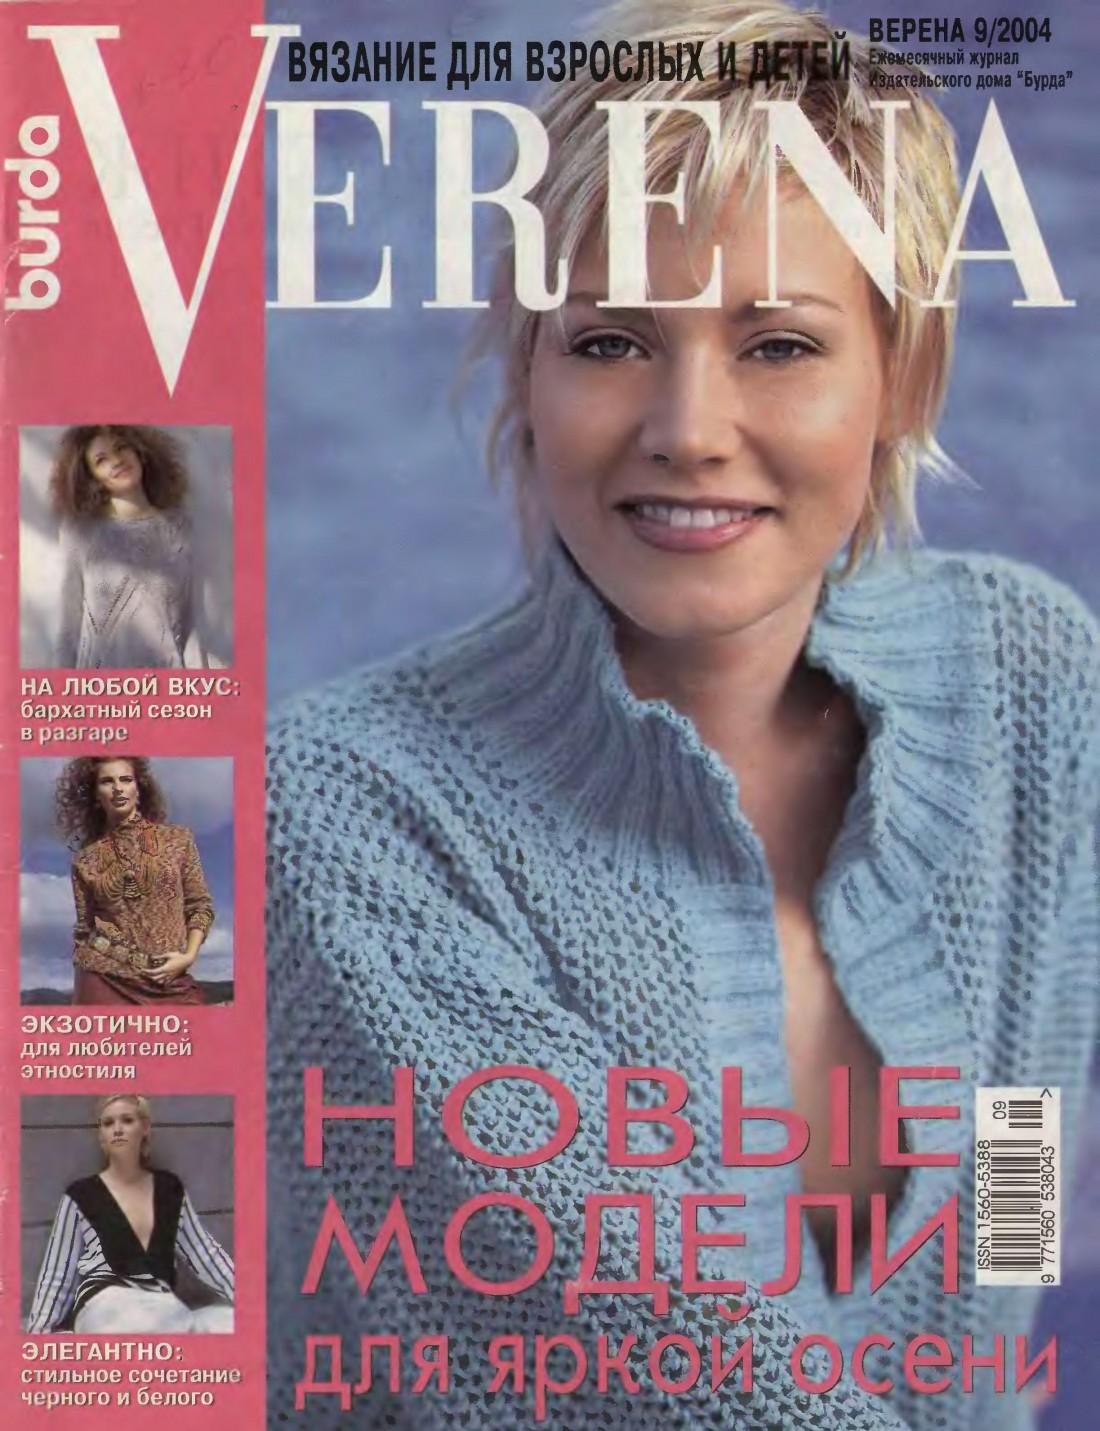 Verena-2004-09_1.jpg